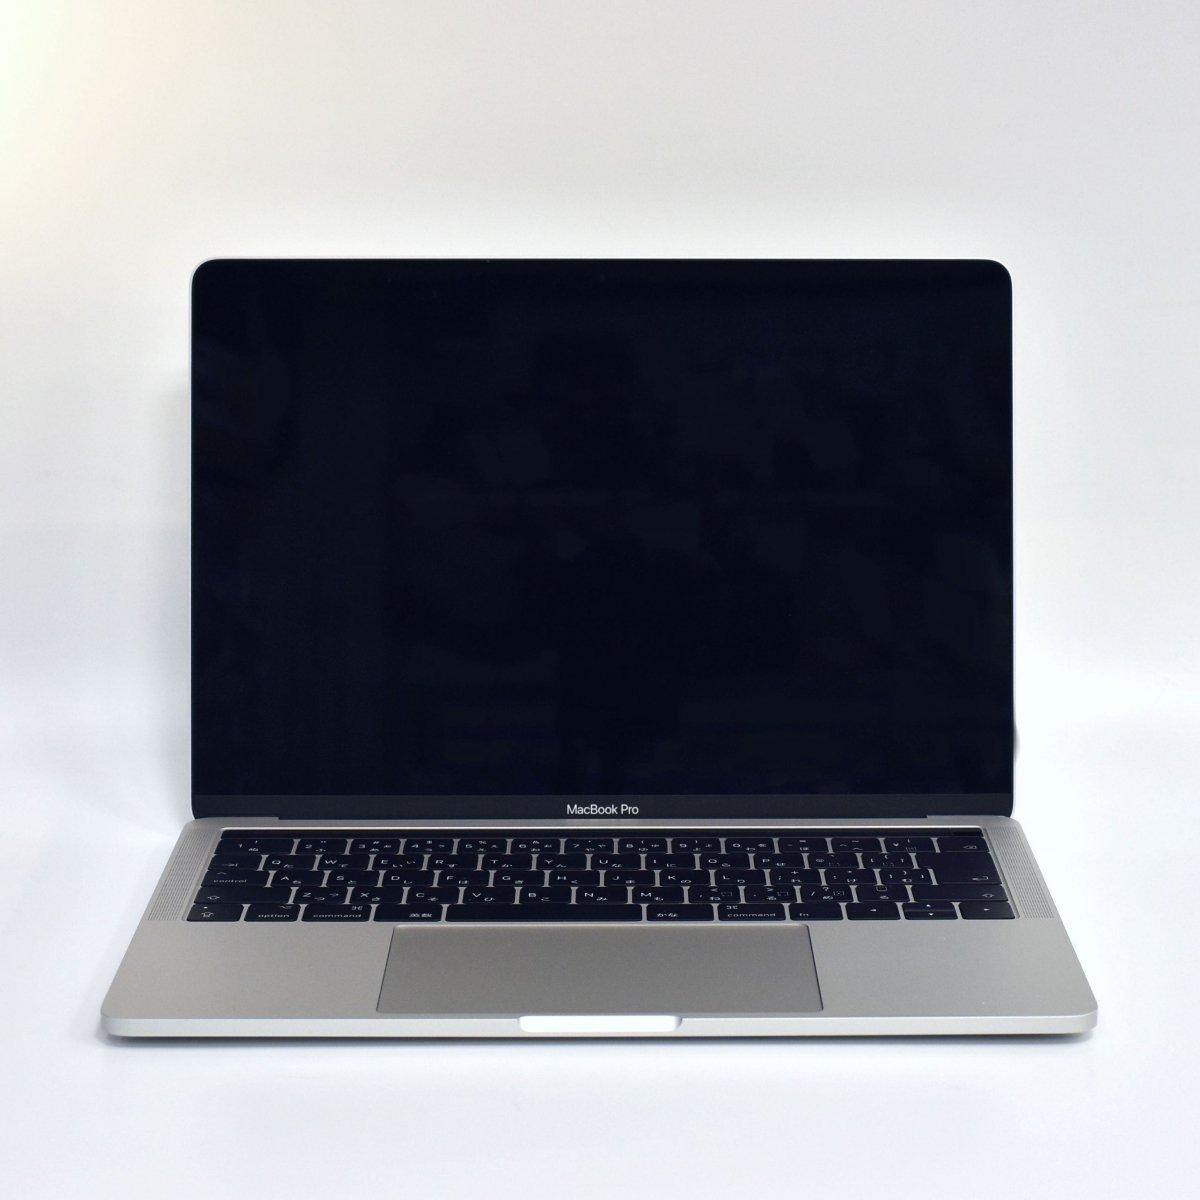 アップル ノートパソコン MacBookPro FLVP2J/A◆A1706 中古美品